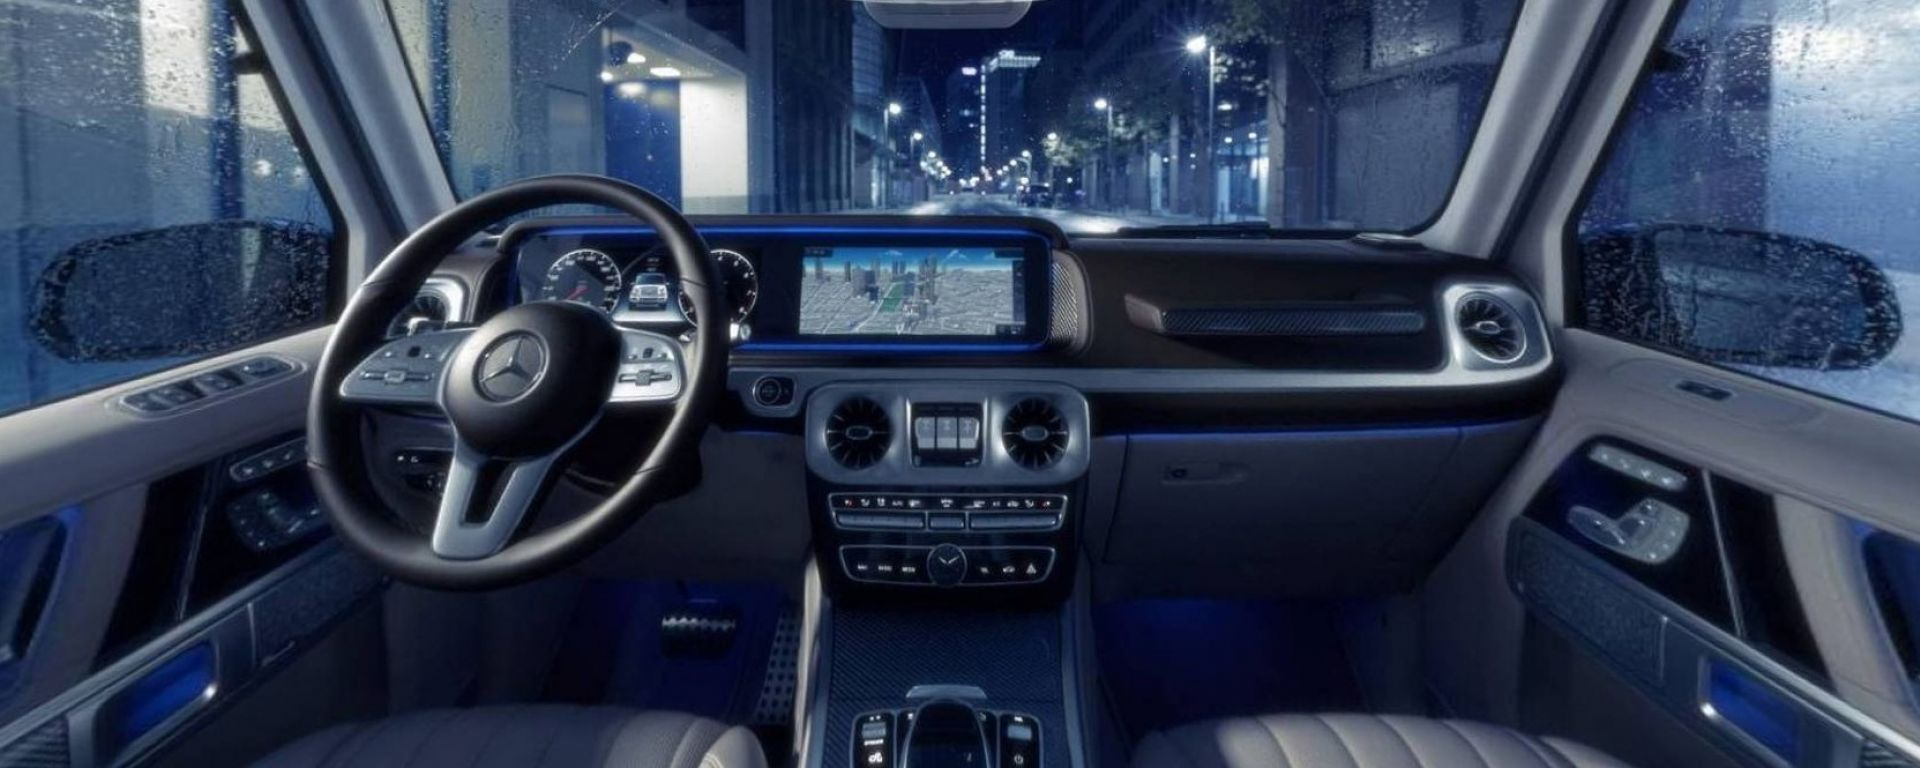 Mercedes Classe G 2019, gli interni in video